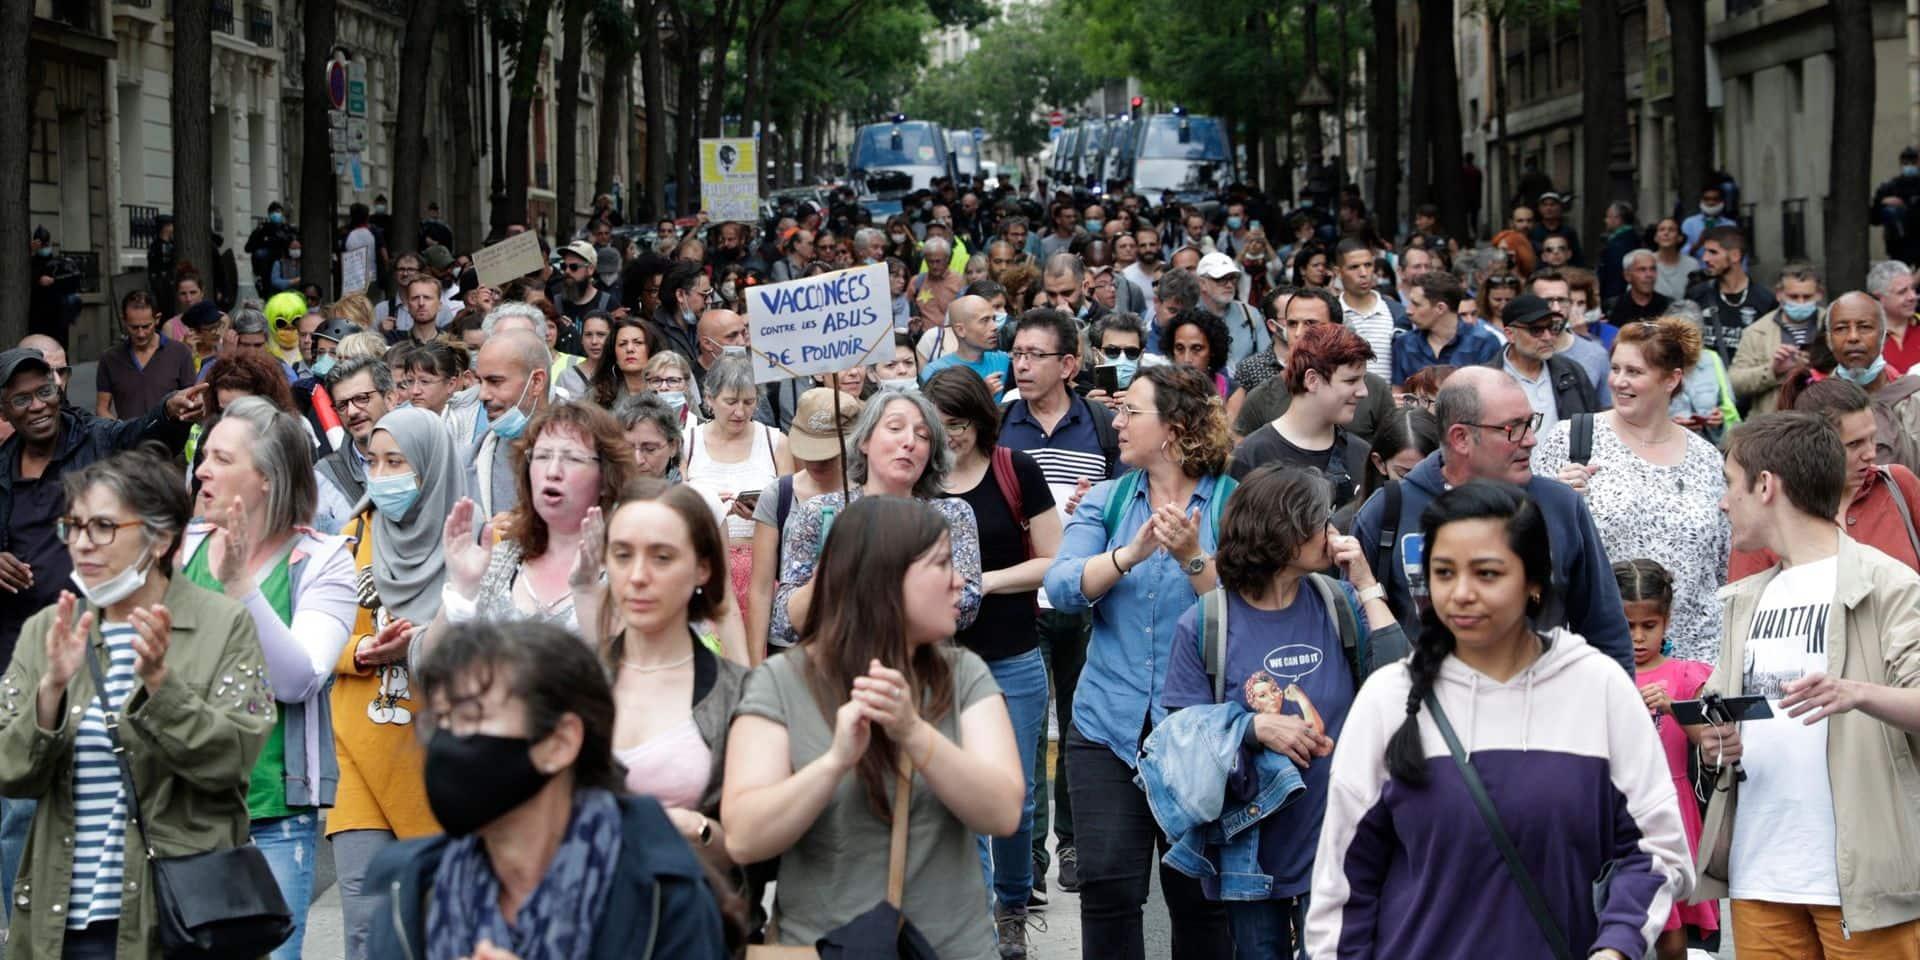 En France, des milliers de manifestants contre la vaccination et le pass sanitaire : neuf interpellations